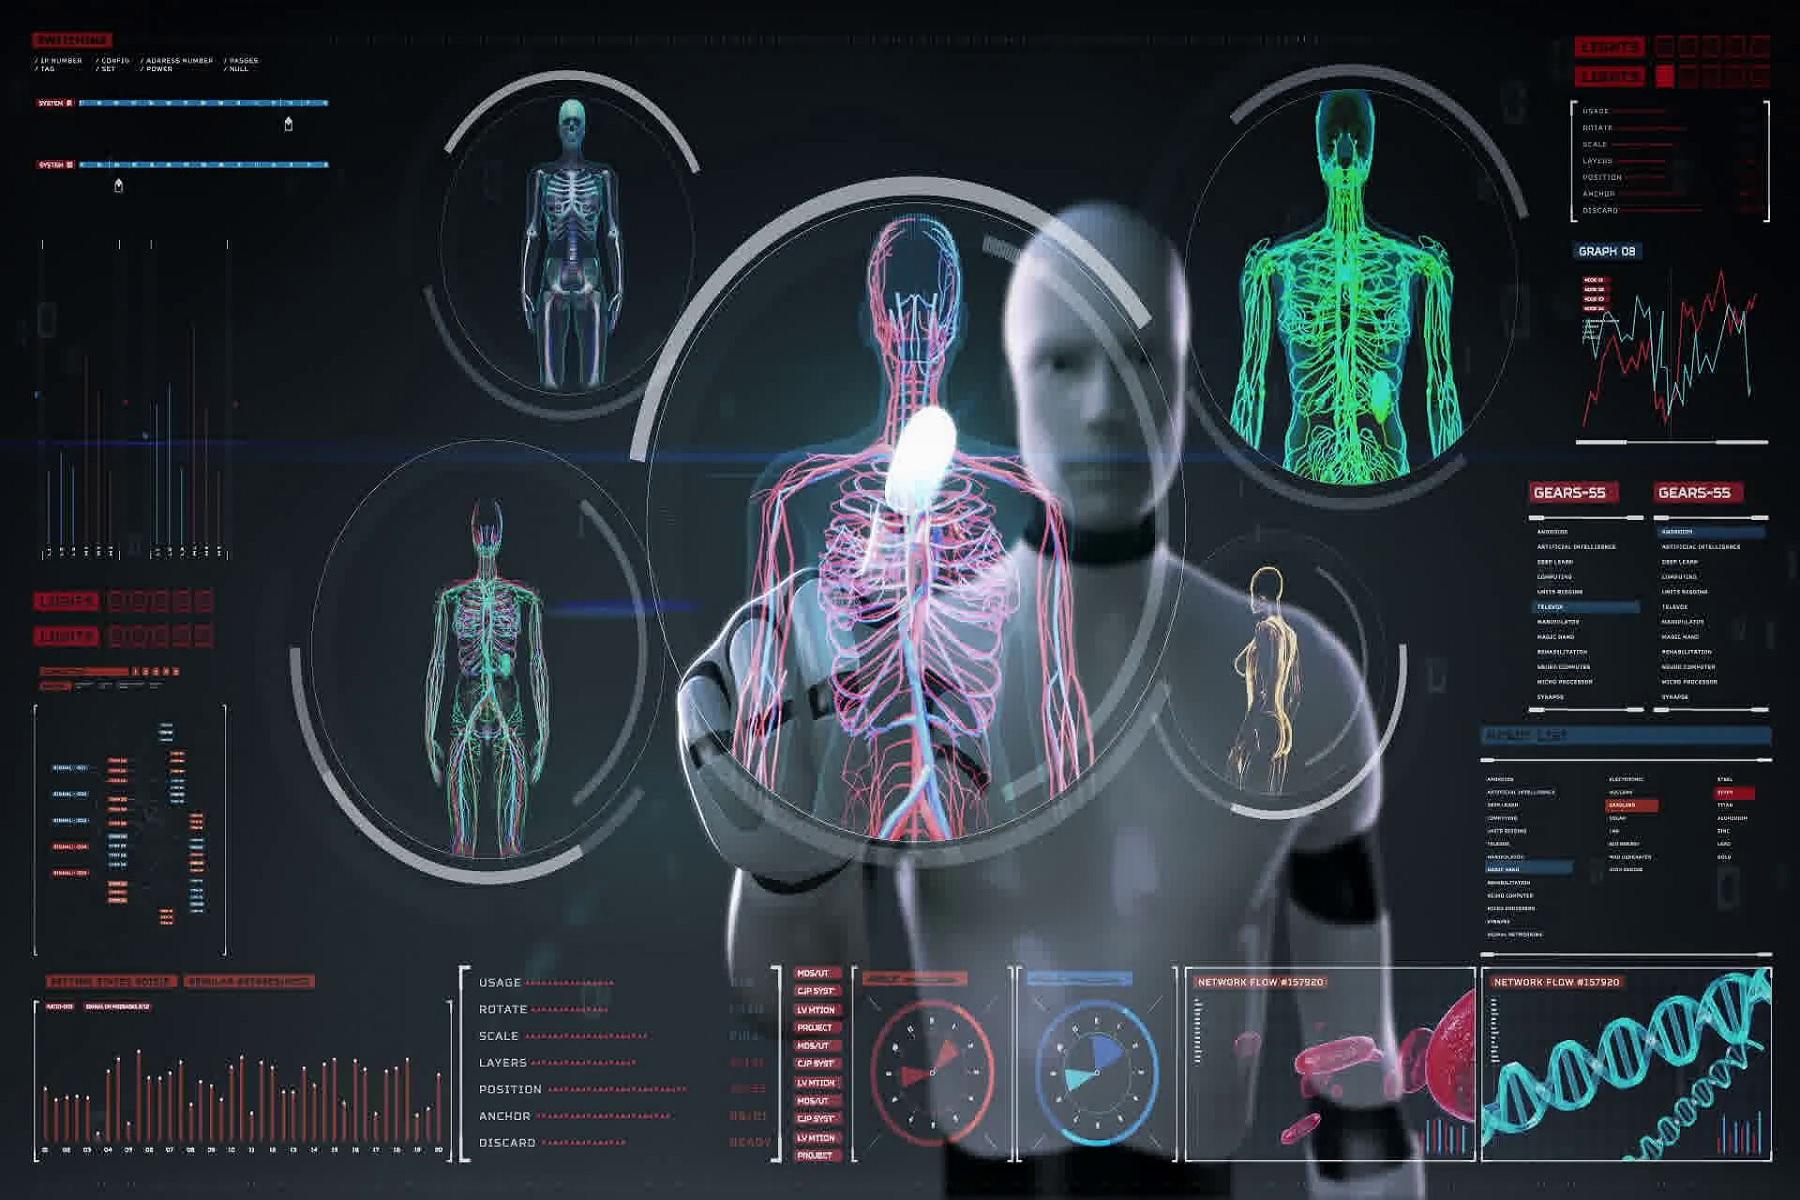 Αίμα ανάλυση τεχνητή νοημοσύνη: Βελτίωση στη διάγνωση